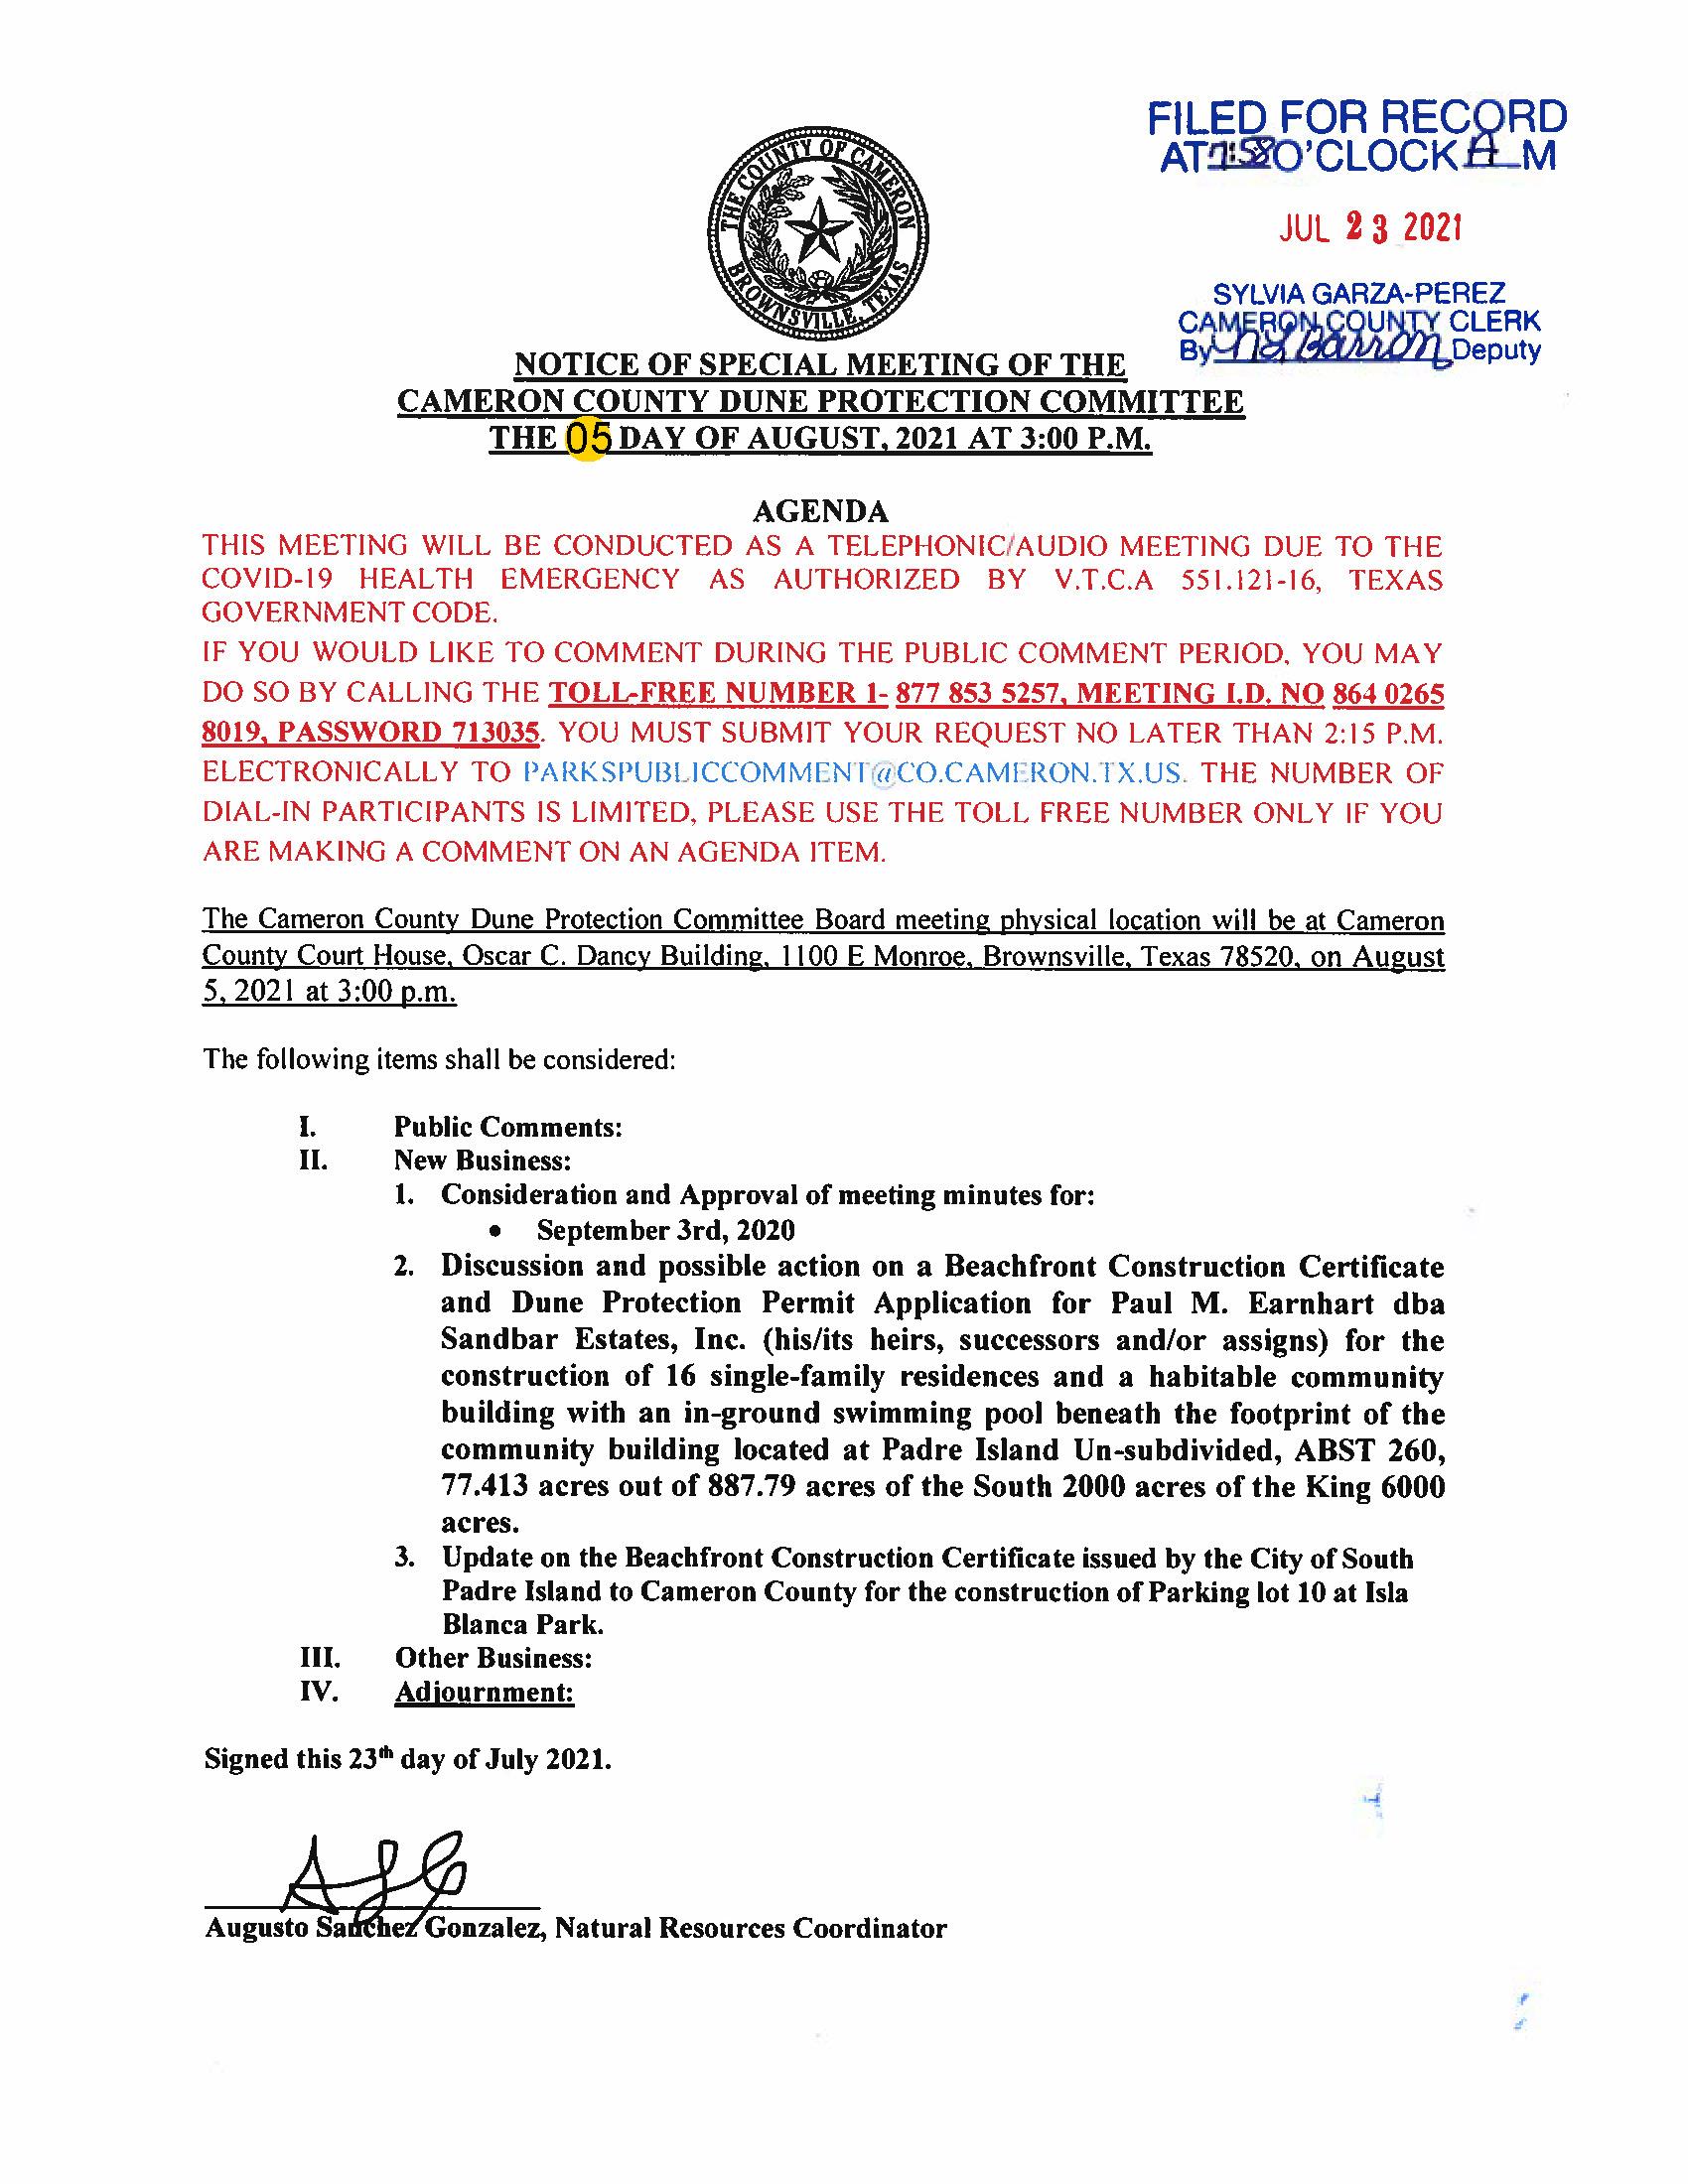 DPC Agenda 08 05 2021